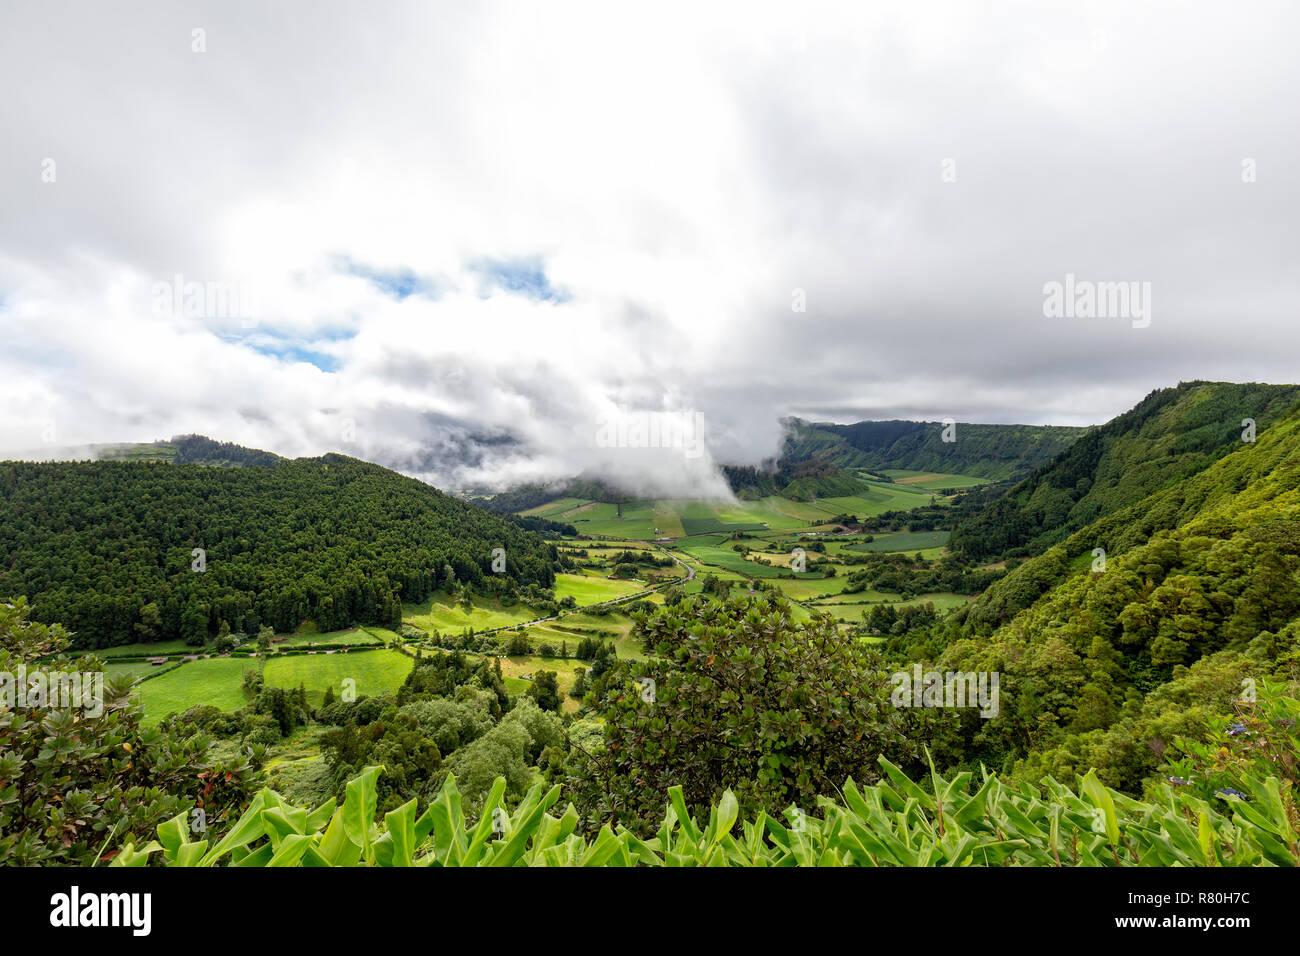 Fantastische Aussicht vom Rand der Caldera in Sete Cidades Sao Miguel auf den Azoren. Stockfoto